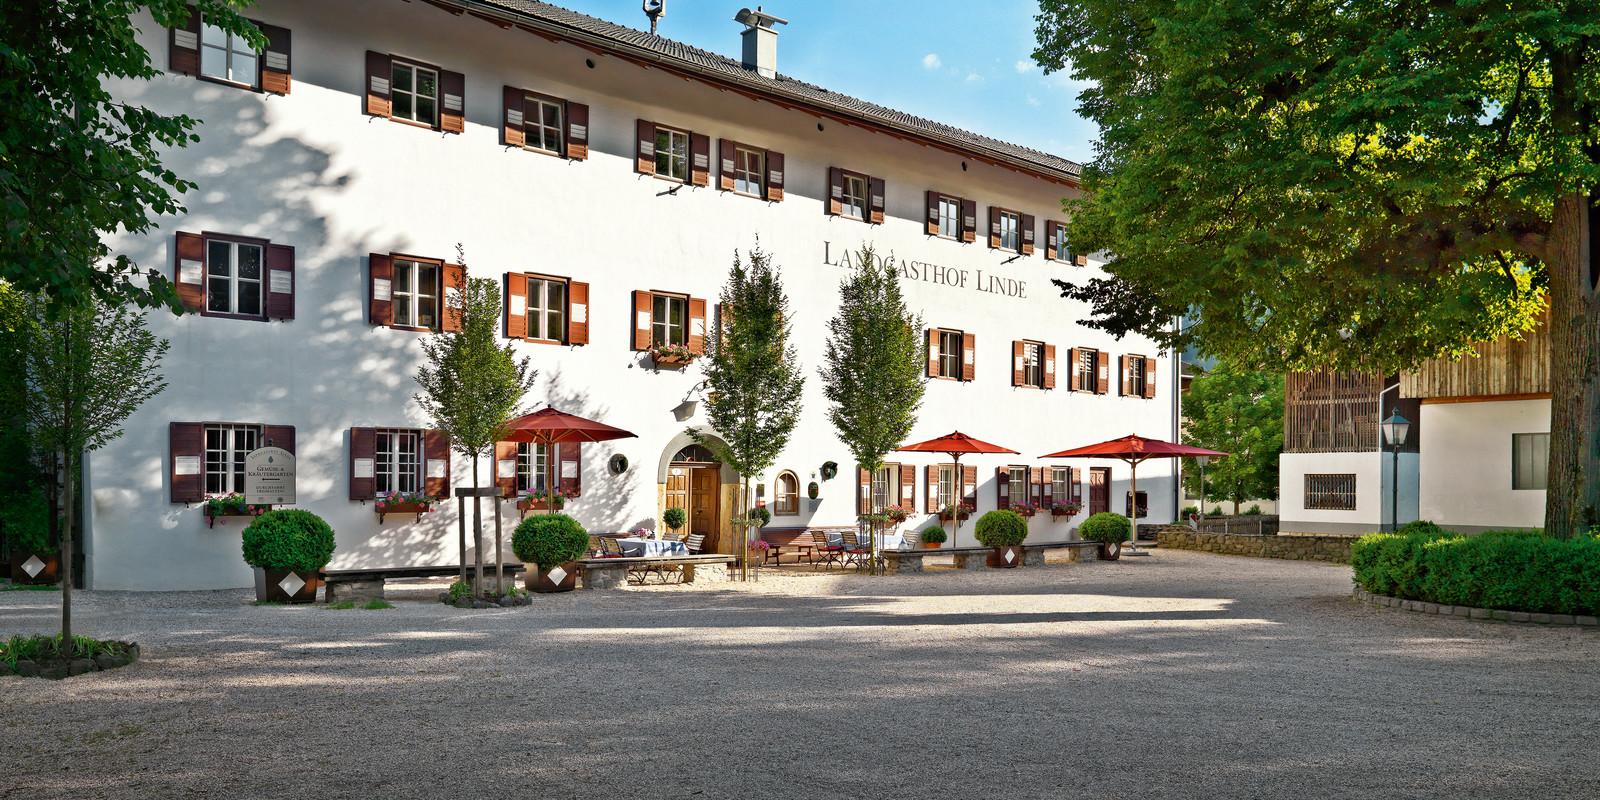 Gasthof mit 500jähriger Tradition